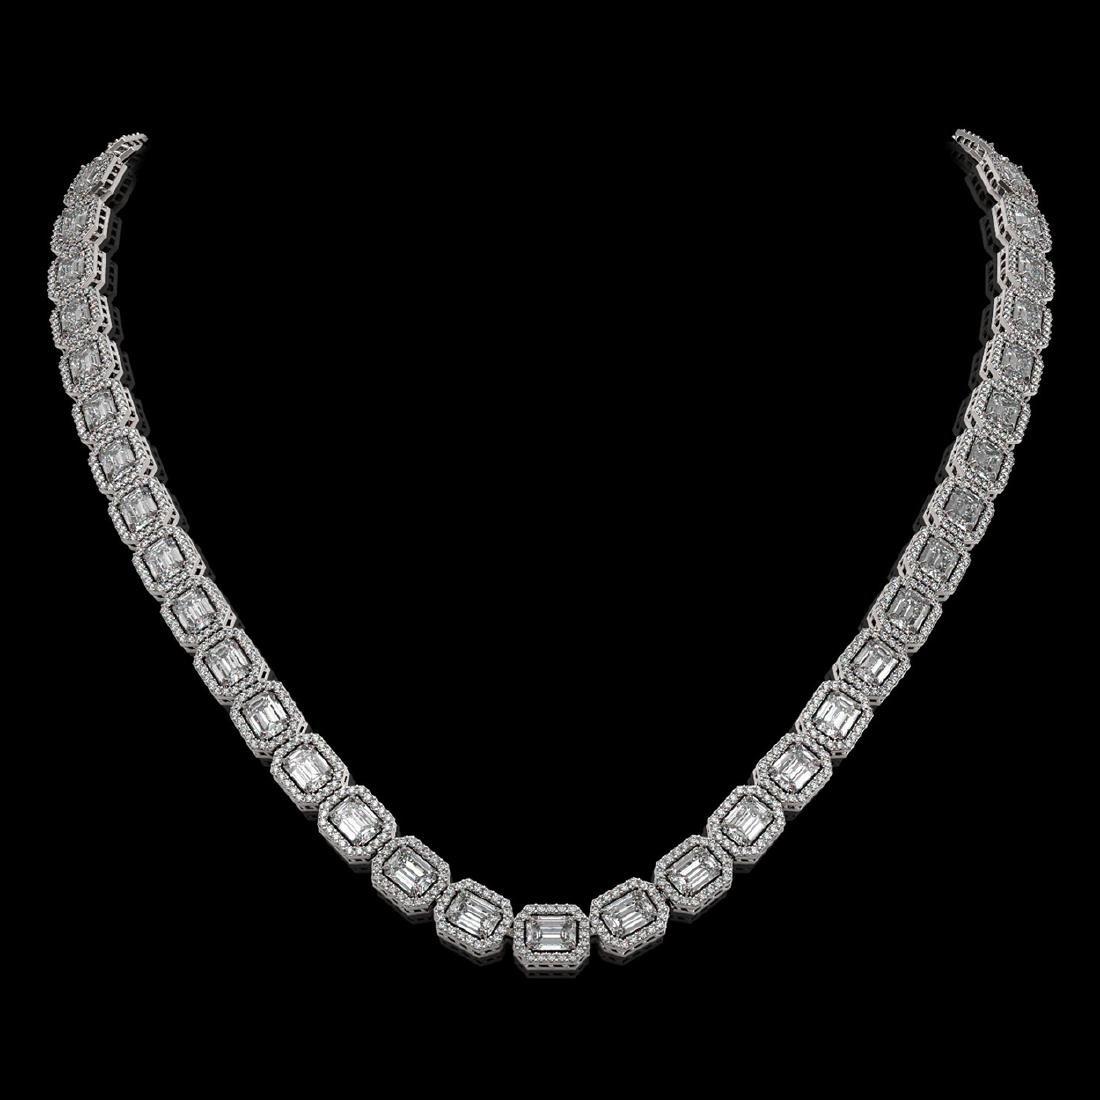 33.10 CTW Emerald Cut Diamond Designer Necklace 18K